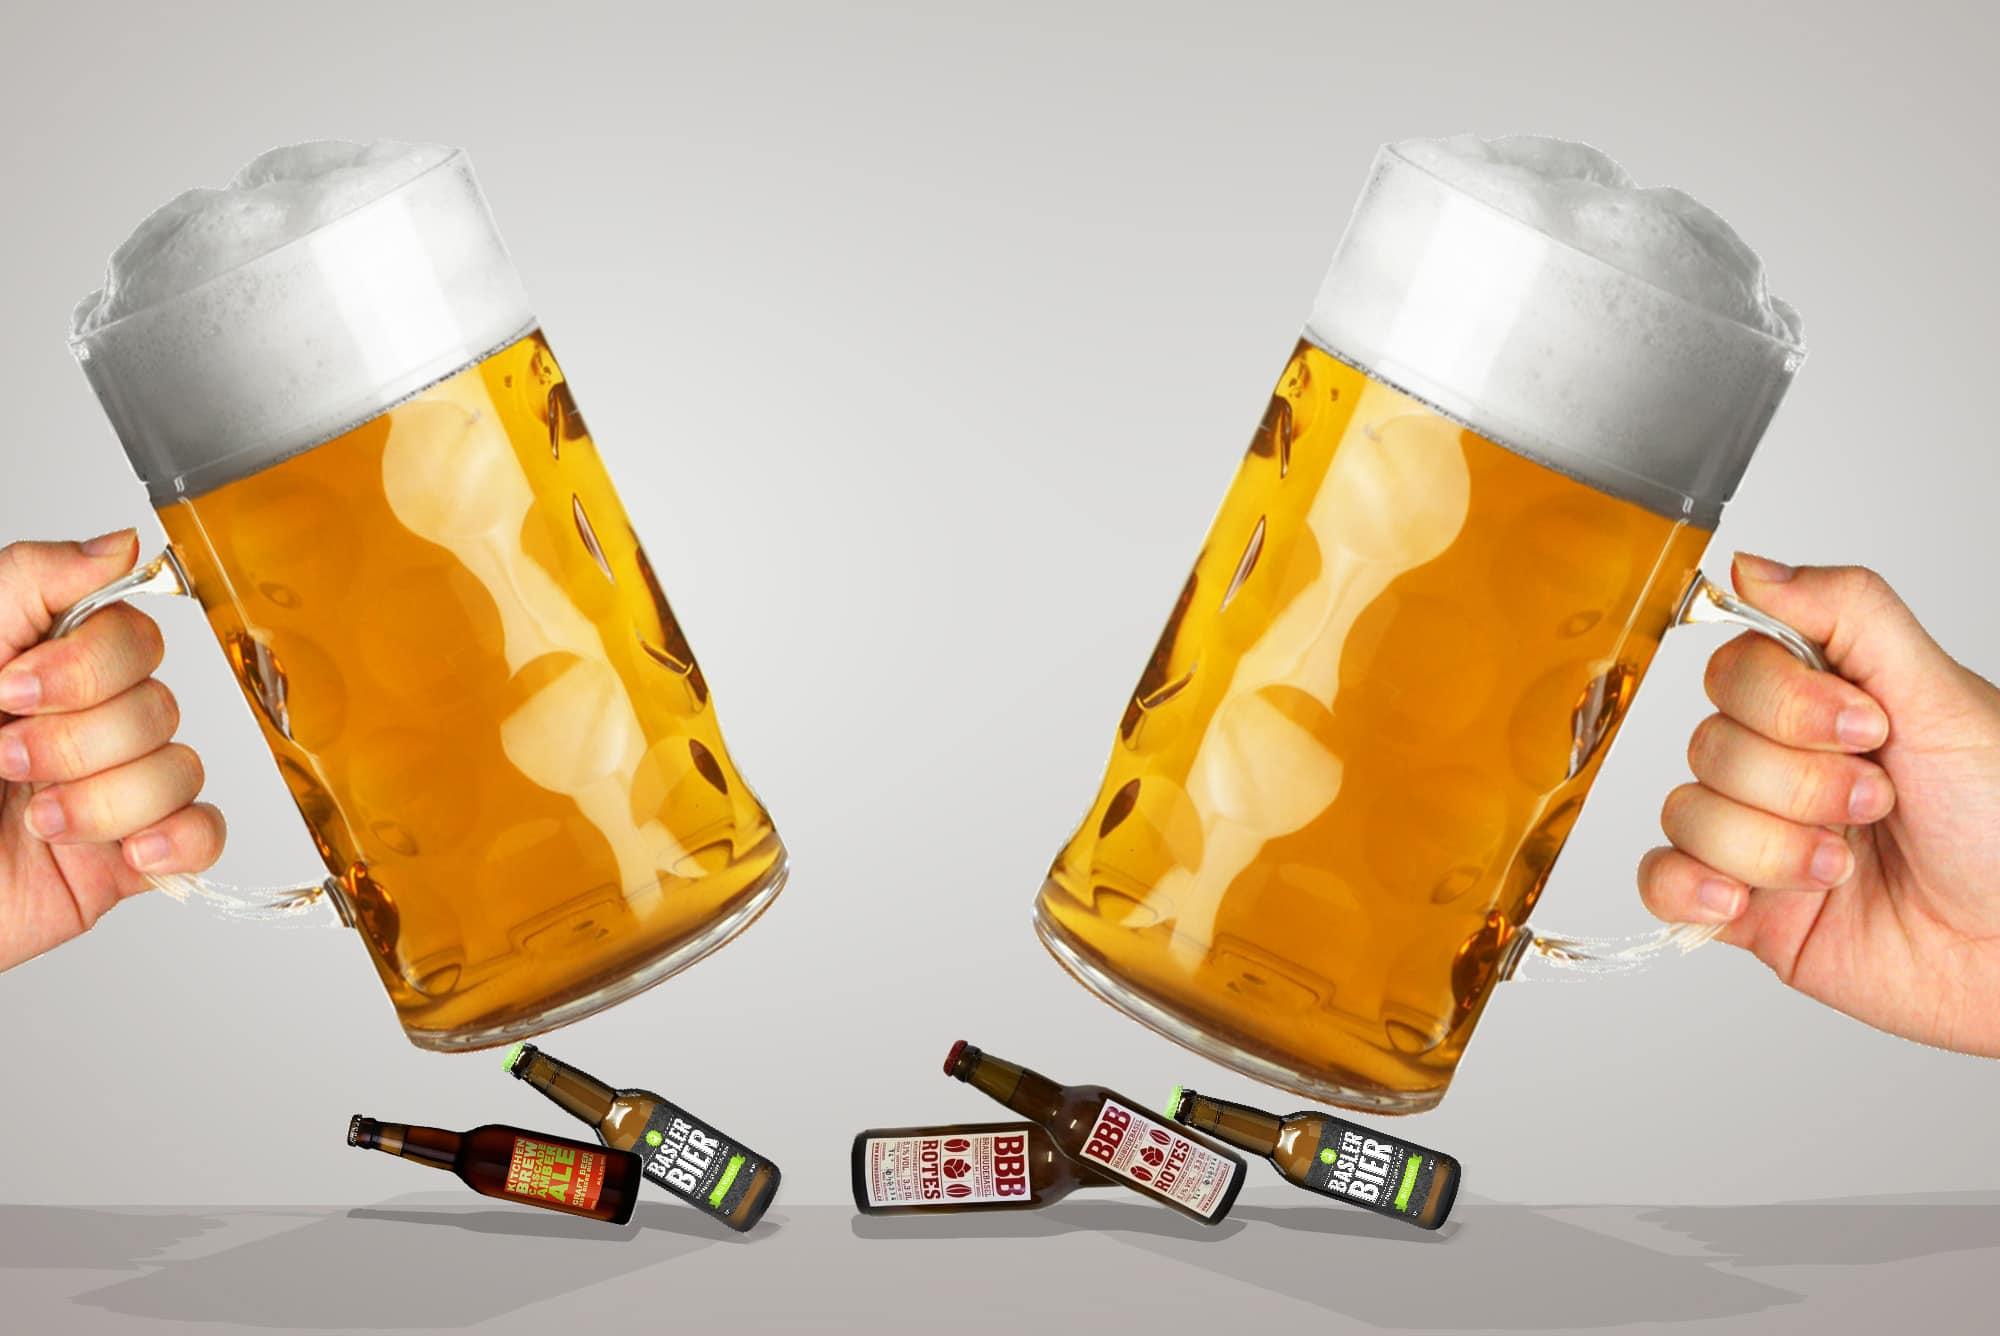 Trotz neuer Vorlieben: Das meiste Bier in Basler Beizen stammt nach wie vor von Grossbrauereien.